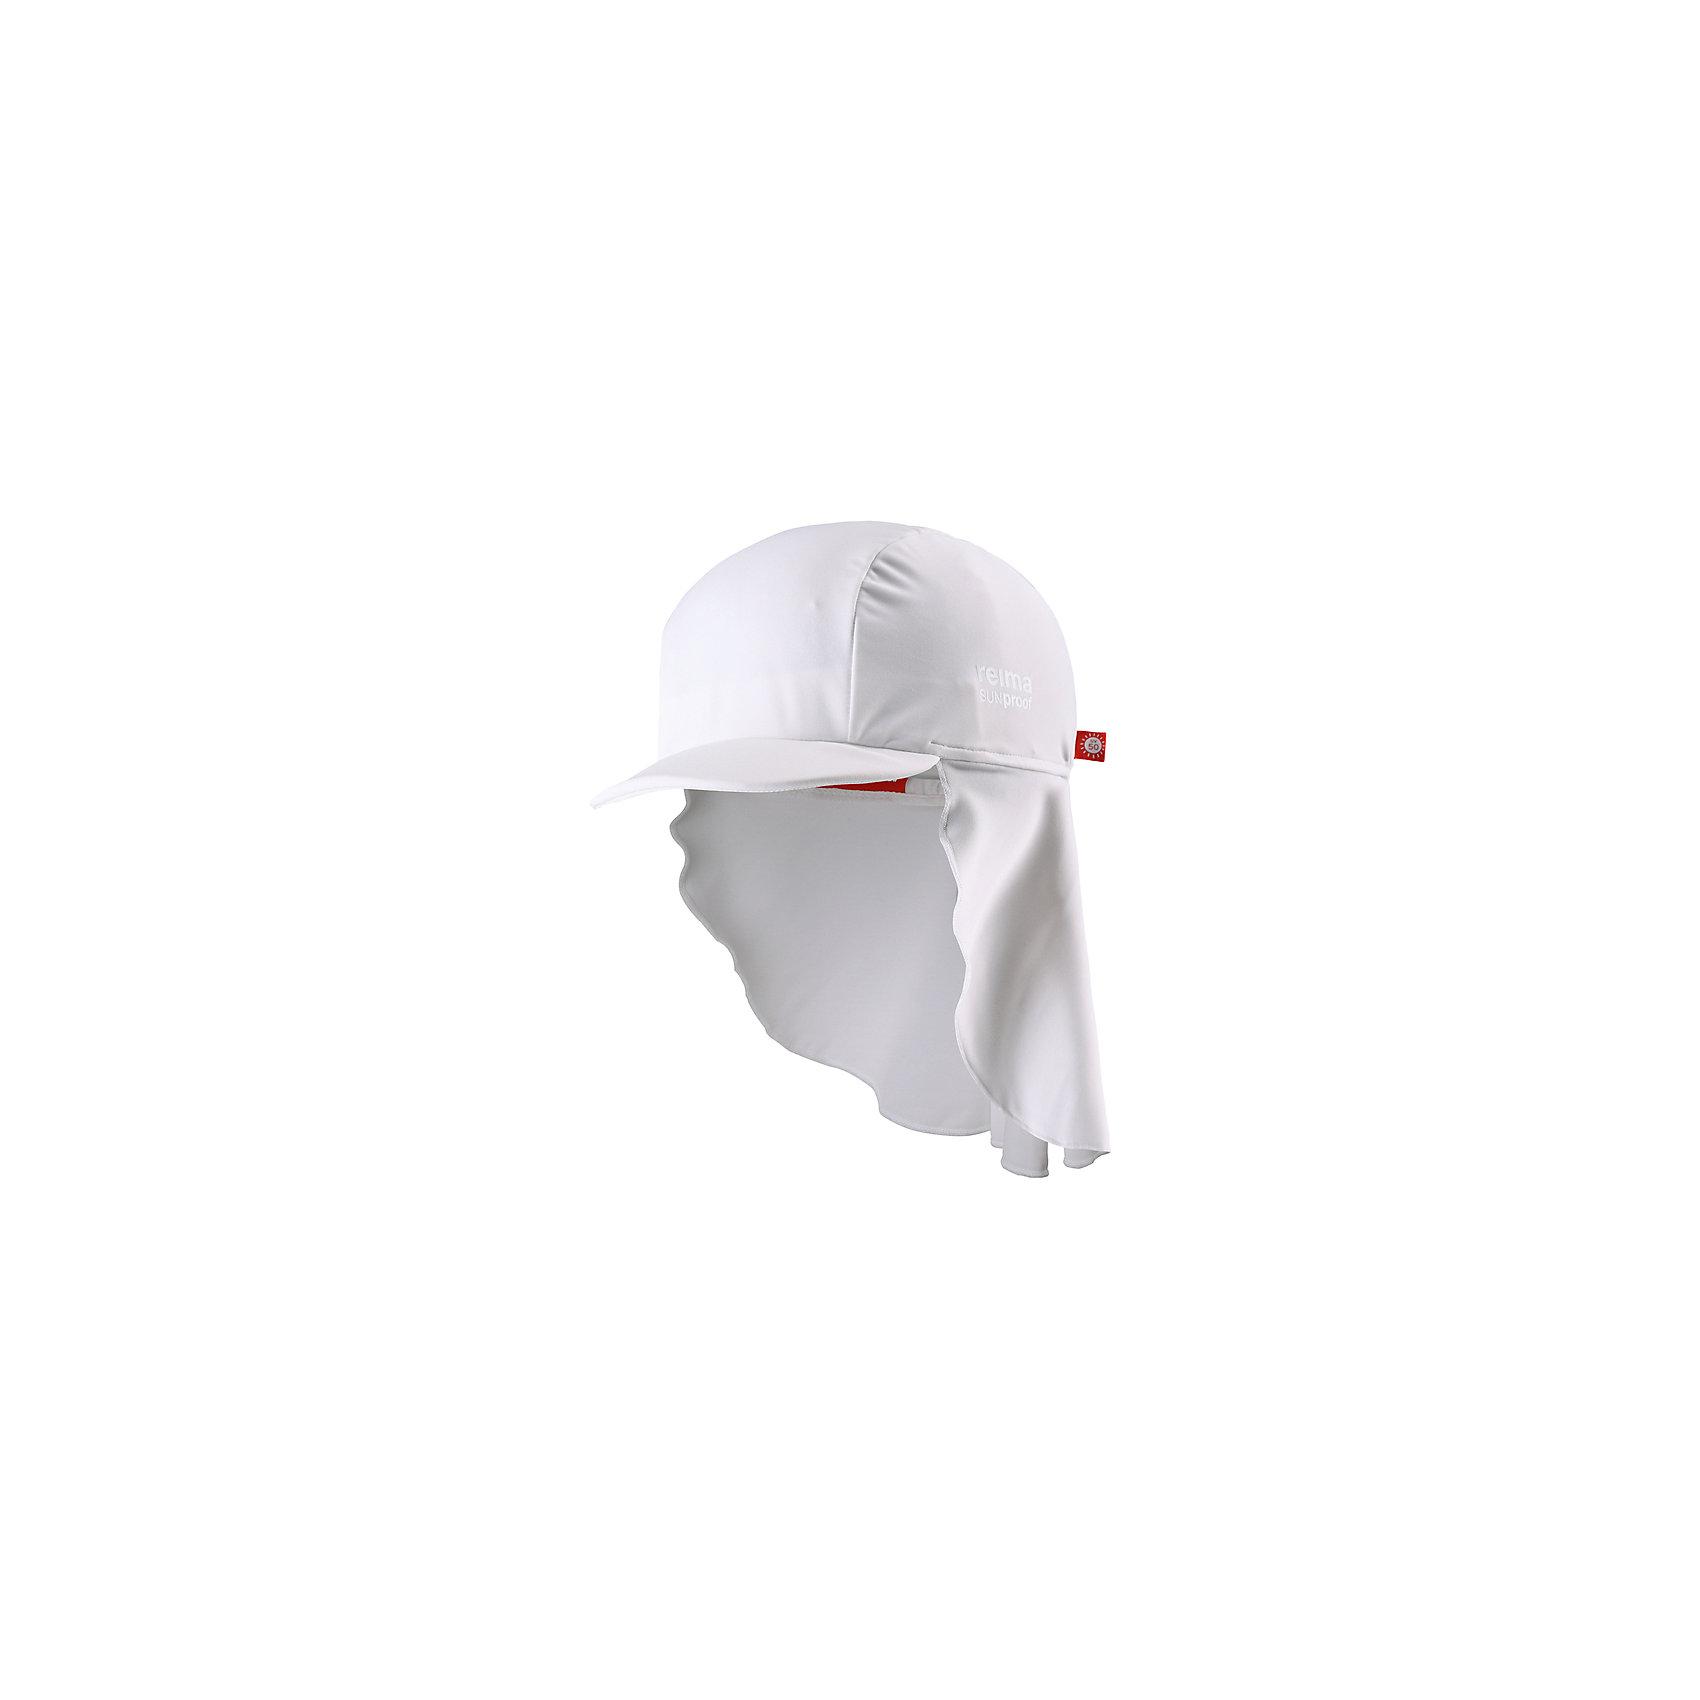 Панама Vesikko ReimaШапки и шарфы<br>Характеристики товара:<br><br>• цвет: белый<br>• состав: 80% полиамид, 20% эластан<br>• задняя часть удлиненная<br>• фактор защиты от ультрафиолета: 50+<br>• удобный эластичный материал<br>• стильный защитный козырек<br>• защищает от солнца<br>• облегчённая модель без подкладки<br>• эмблема Reima сбоку<br>• страна бренда: Финляндия<br>• страна производства: Китай<br><br>Детский головной убор может быть модным и удобным одновременно! Стильная панама поможет обеспечить ребенку комфорт и дополнить наряд. Панама удобно сидит и аккуратно выглядит. Проста в уходе, долго служит. Стильный дизайн разрабатывался специально для детей. Отличная защита от солнца!<br><br>Уход:<br><br>• стирать по отдельности, вывернув наизнанку<br>• полоскать без специального средства<br>• сушить при низкой температуре.<br><br>Панаму от финского бренда Reima (Рейма) можно купить в нашем интернет-магазине.<br><br>Ширина мм: 89<br>Глубина мм: 117<br>Высота мм: 44<br>Вес г: 155<br>Цвет: белый<br>Возраст от месяцев: 48<br>Возраст до месяцев: 84<br>Пол: Унисекс<br>Возраст: Детский<br>Размер: 54,46,50<br>SKU: 5270890